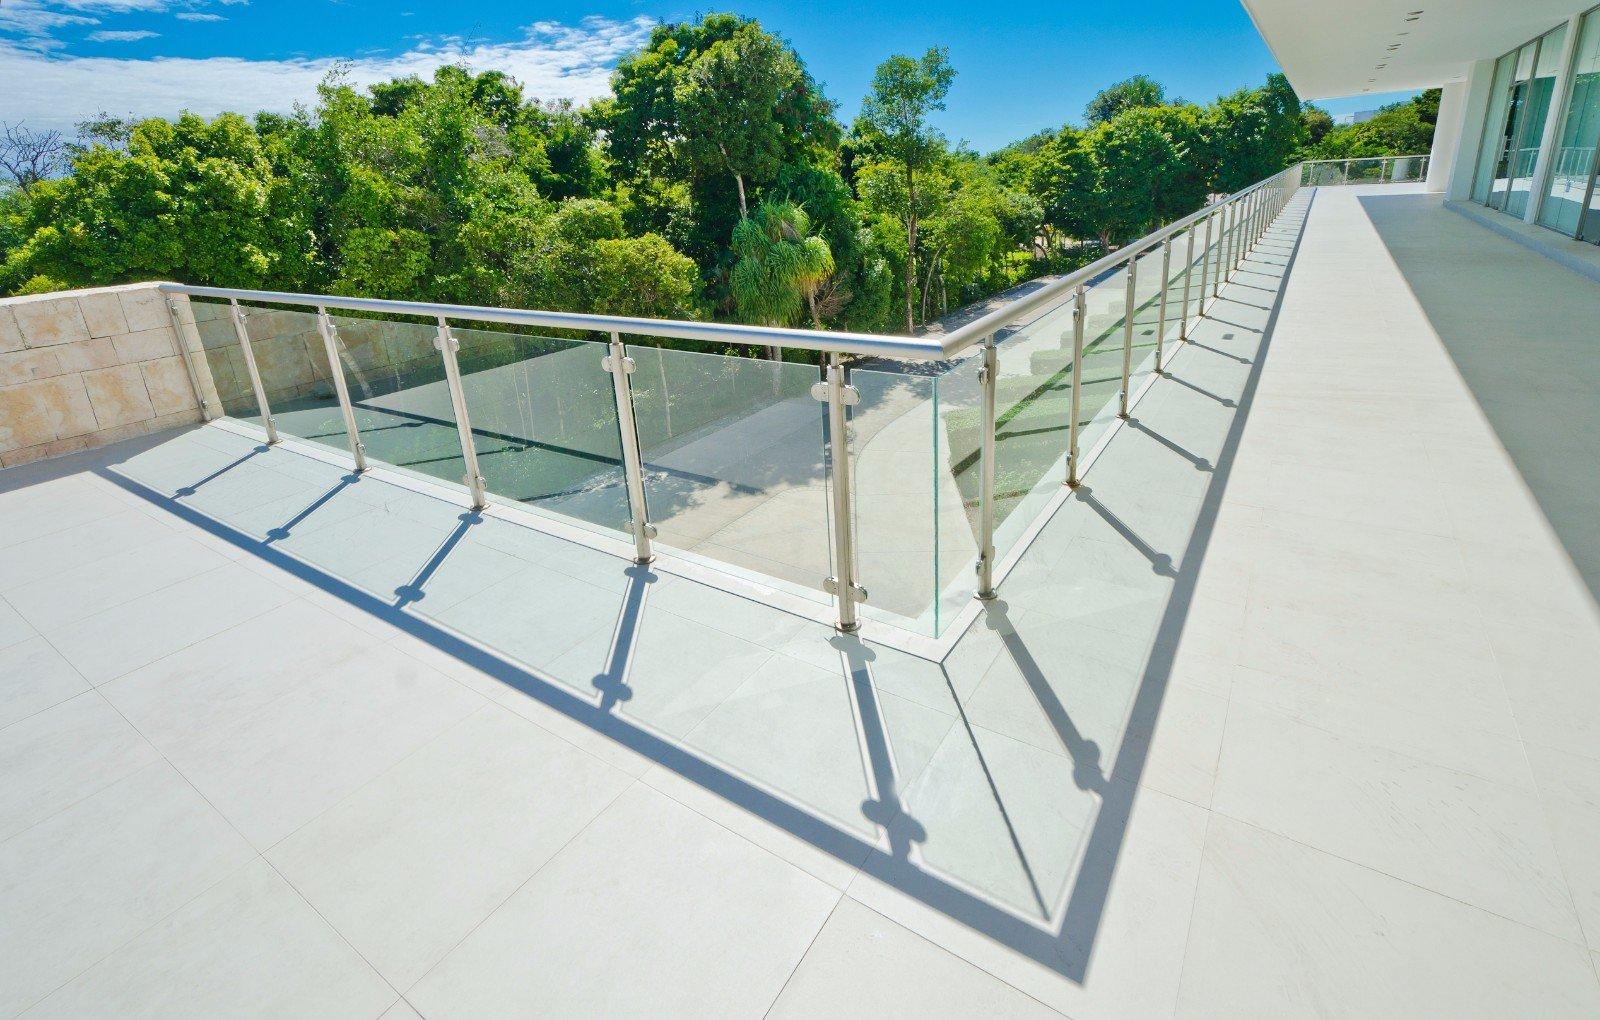 angolo di una ringhiera in vetro